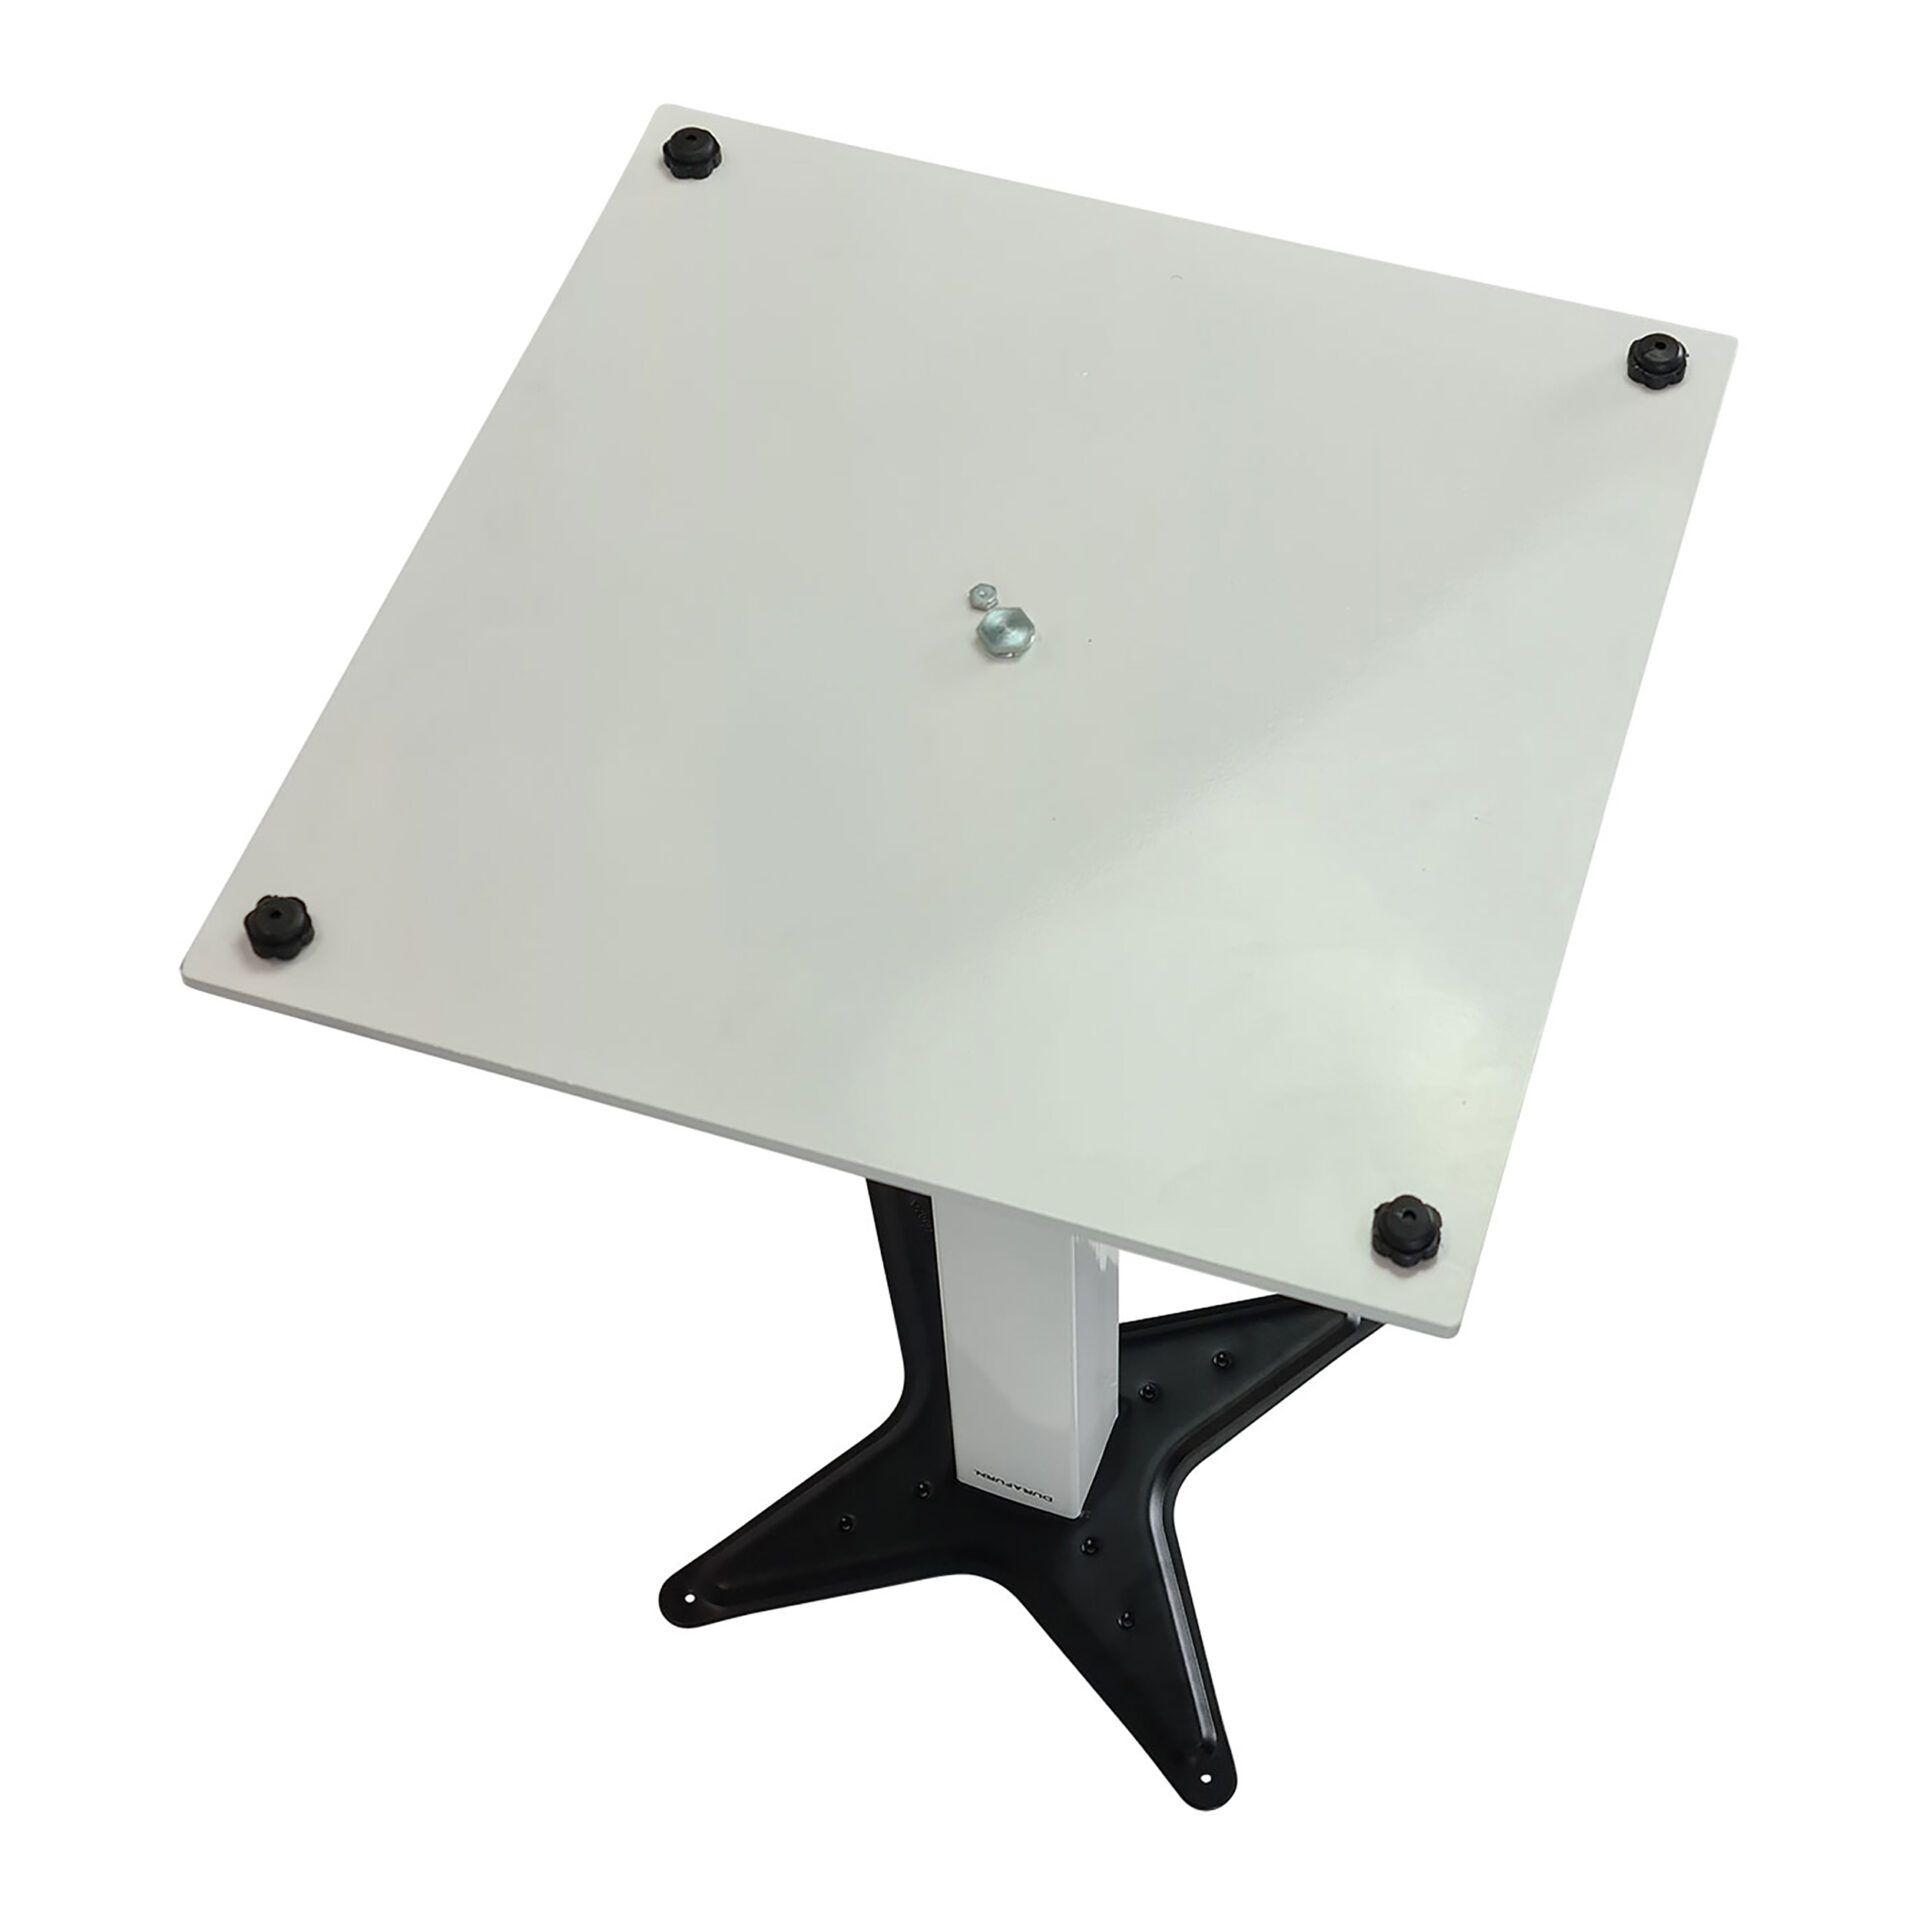 calais table base white.bottom